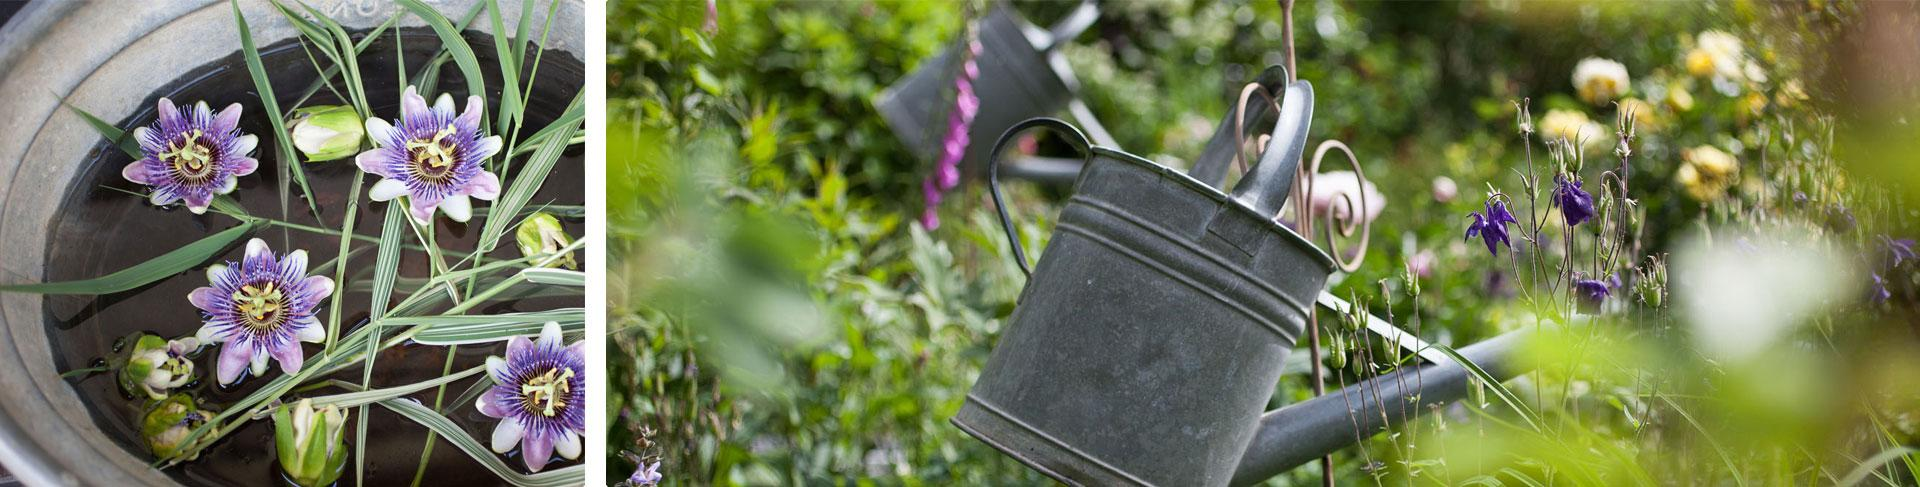 Viele Details schmücken den Garten